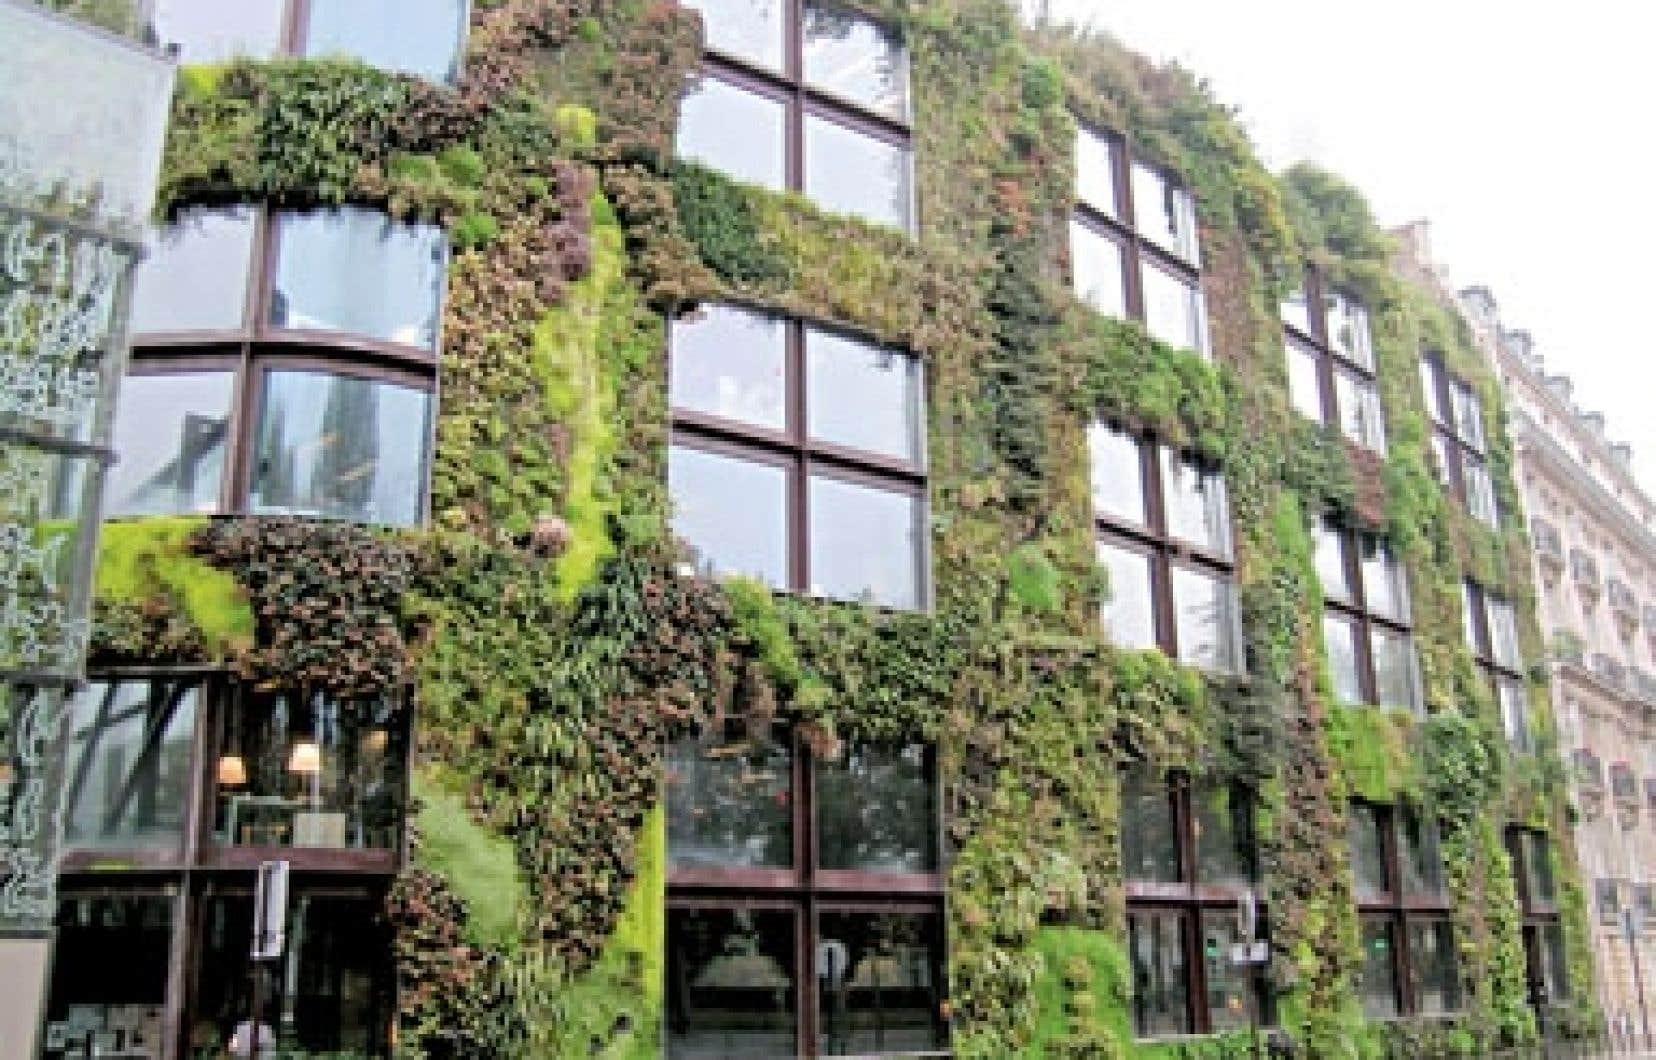 Au Québec, les murs végétaux sont au stade expérimental, car notre climat est malheureusement une contrainte importante. Sur notre photo, l'impressionnant mur végétal du Musée du quai Branly, à Paris, réalisé par Patrick Blanc.